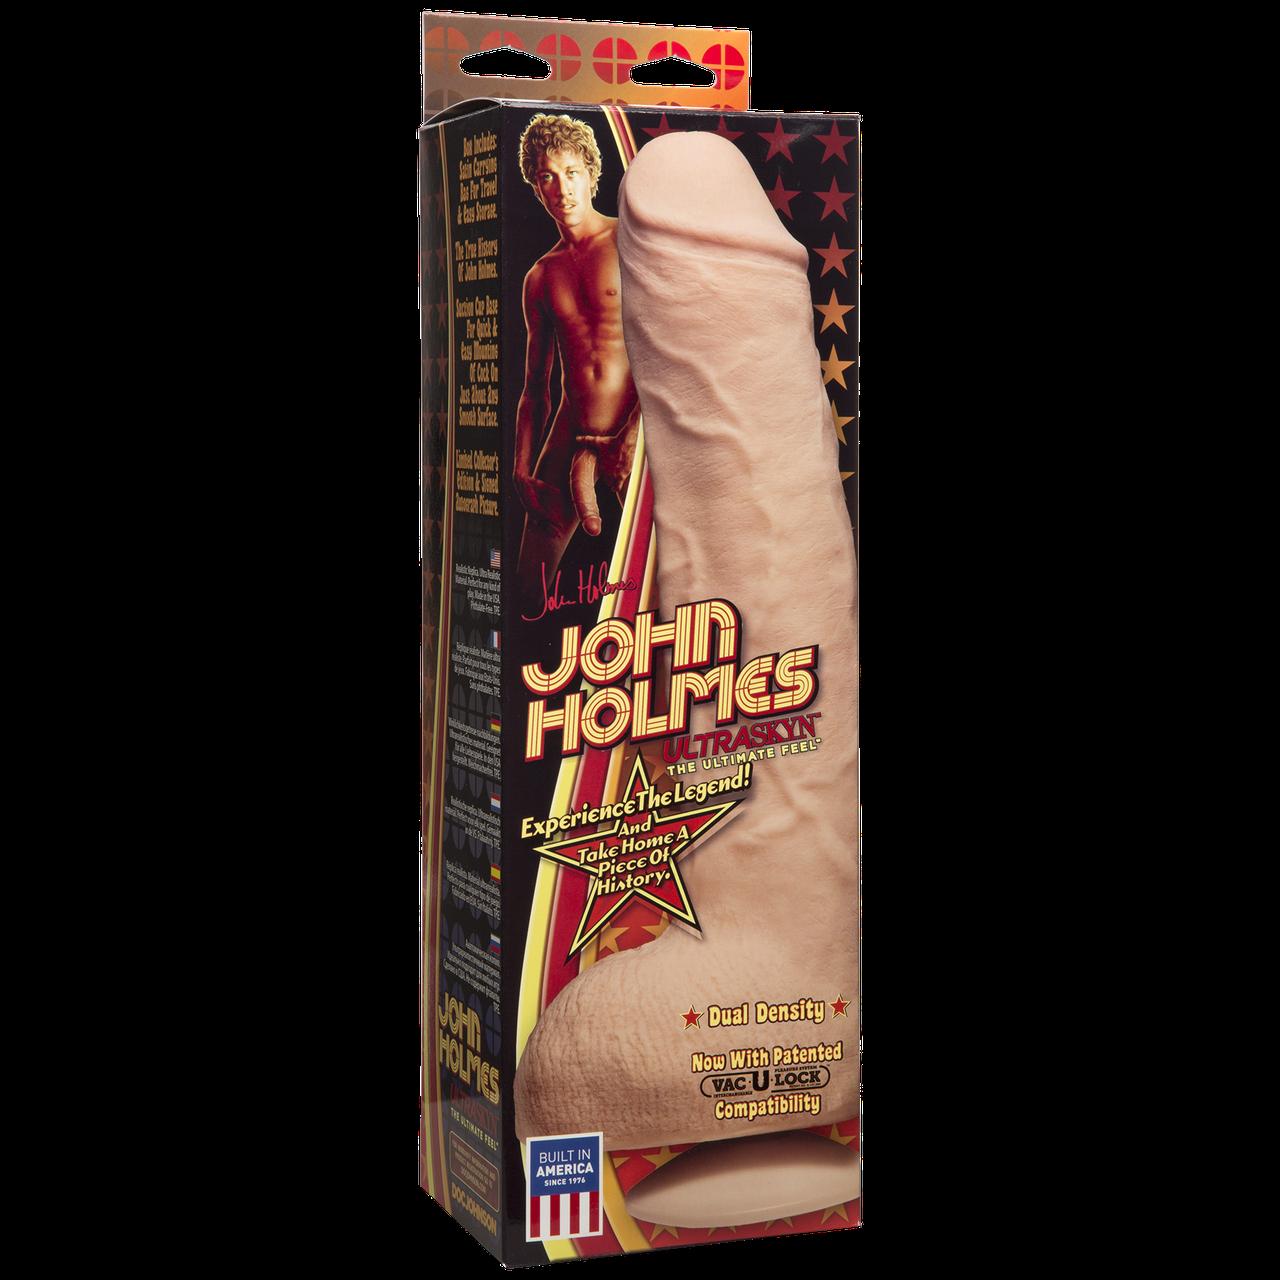 Фаллоимитатор гигант реалистик John Holmes Джон Холмс (Vac-u-lock)